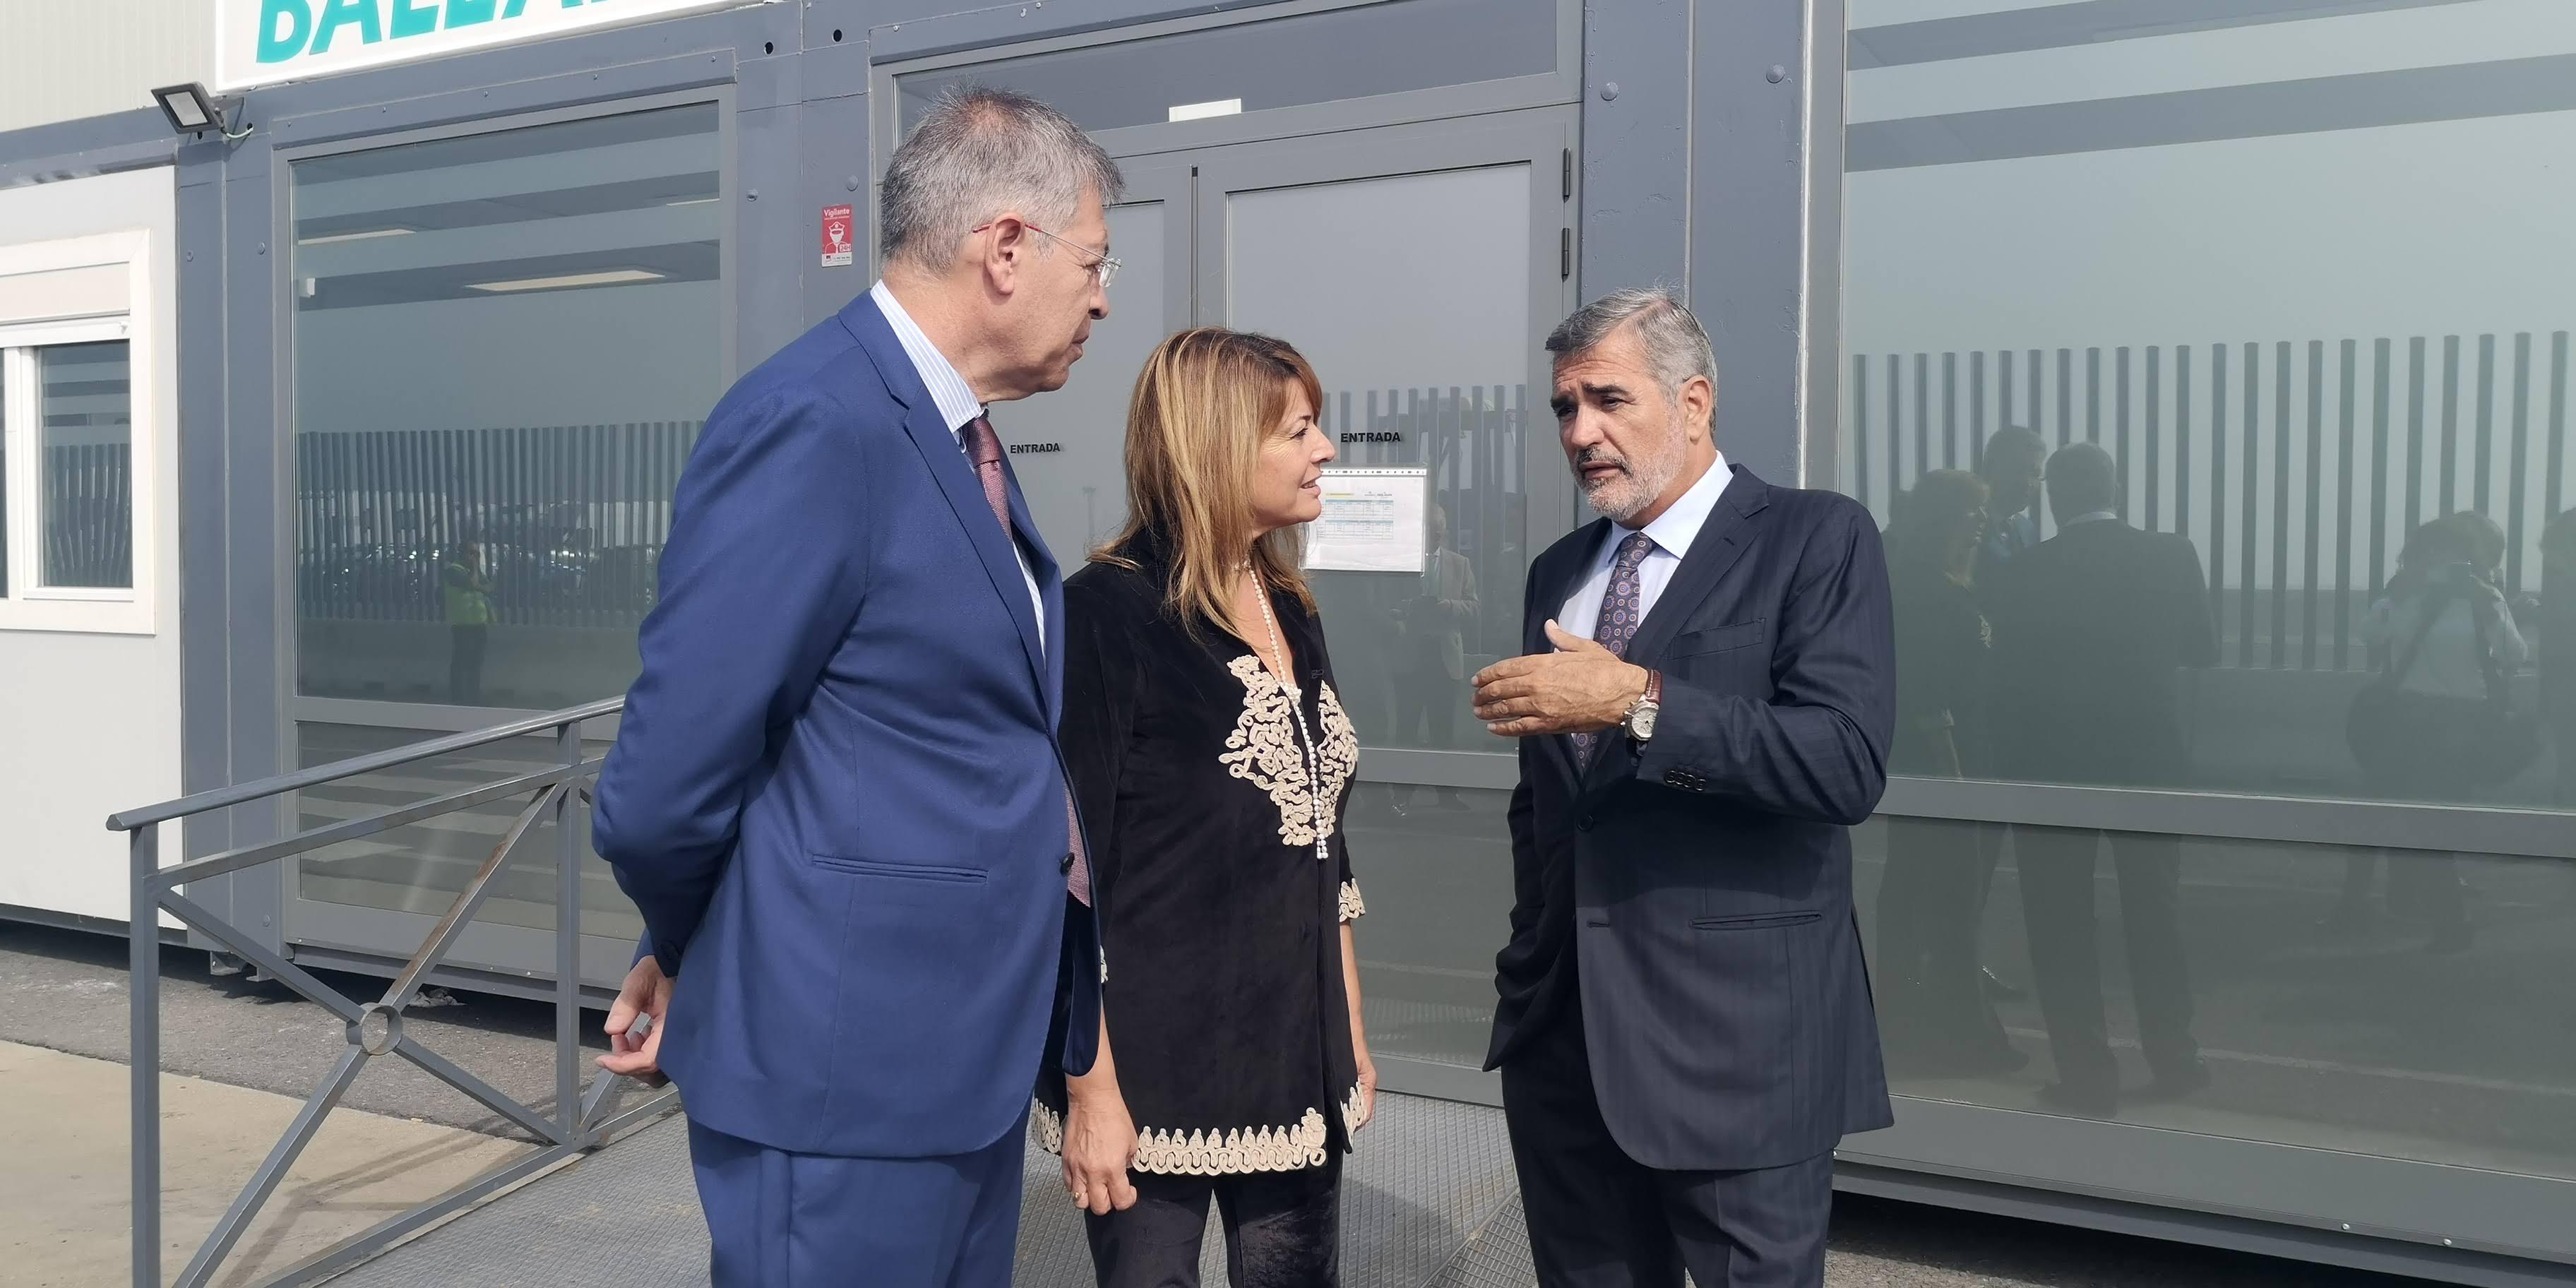 Queremos Saber 29-10-2019 Carmelo Romero- N1 al Congreso de los Diputados por PP de Huelva-Puerto de Huelva